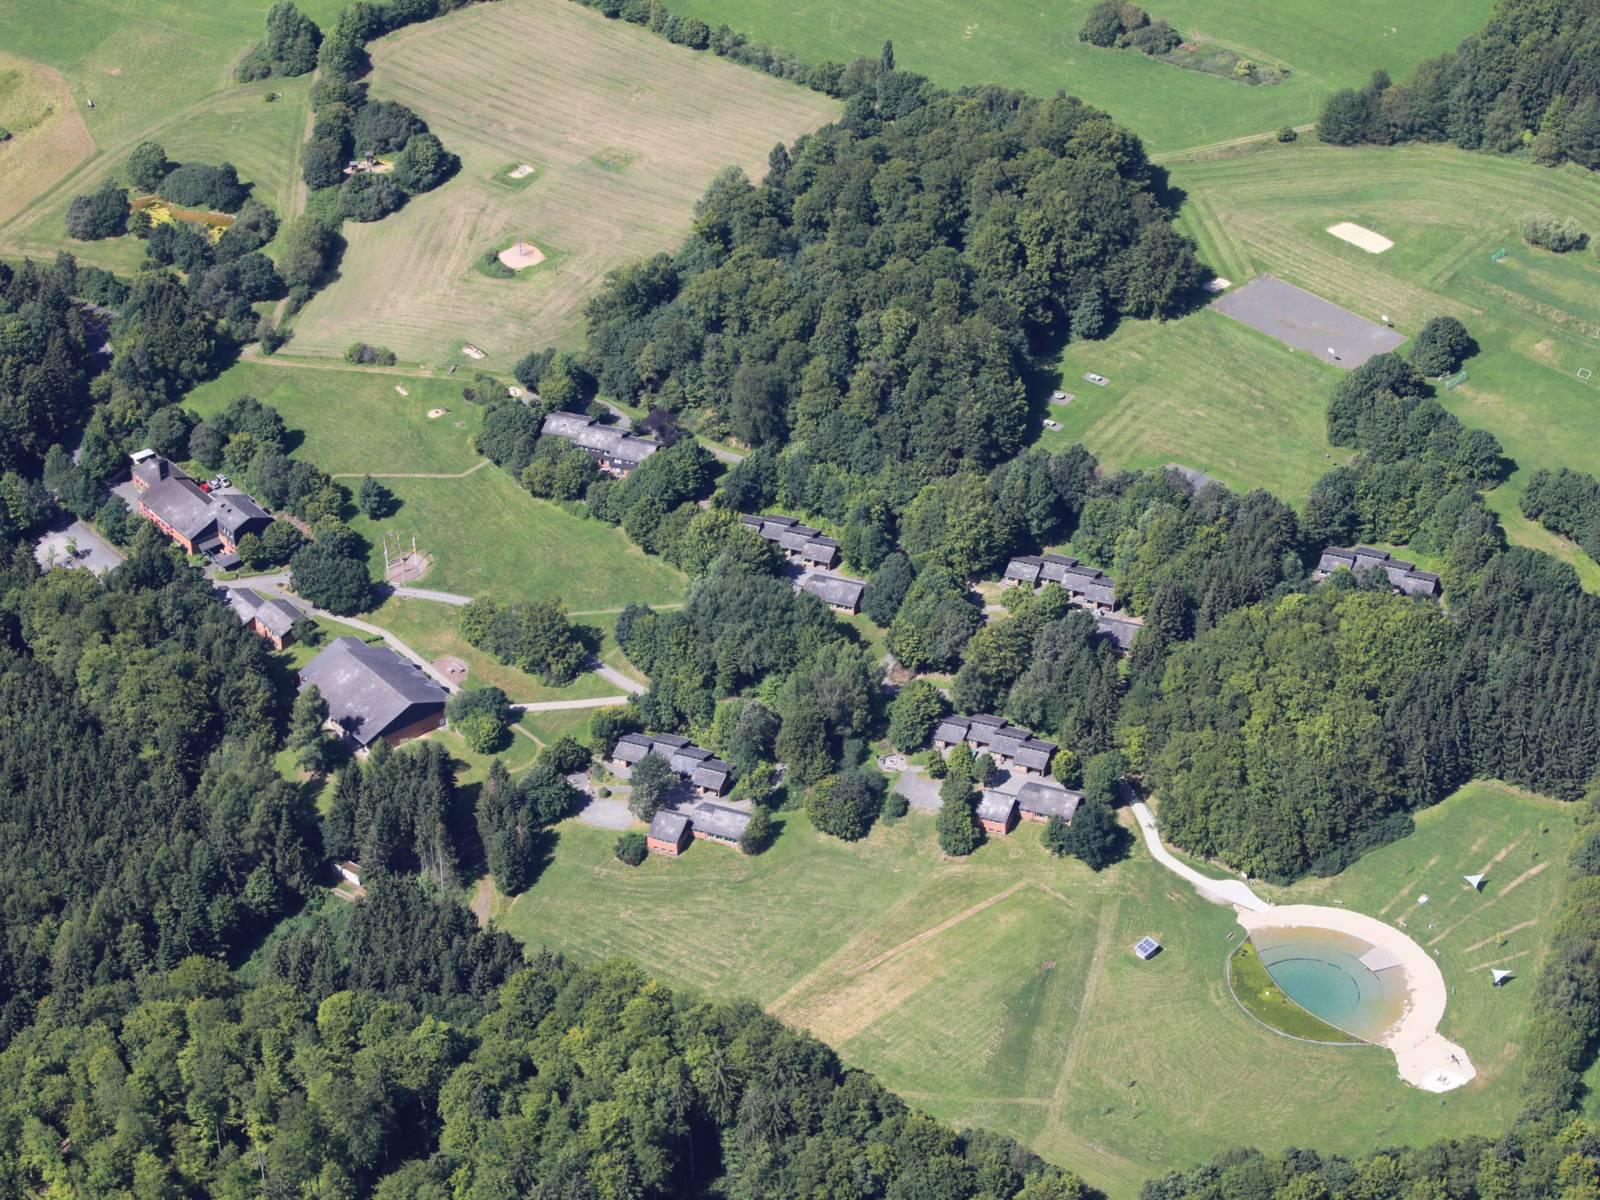 Luftbild des Feriendorfes und des Badsee in Eisenberg/ Kirchheim